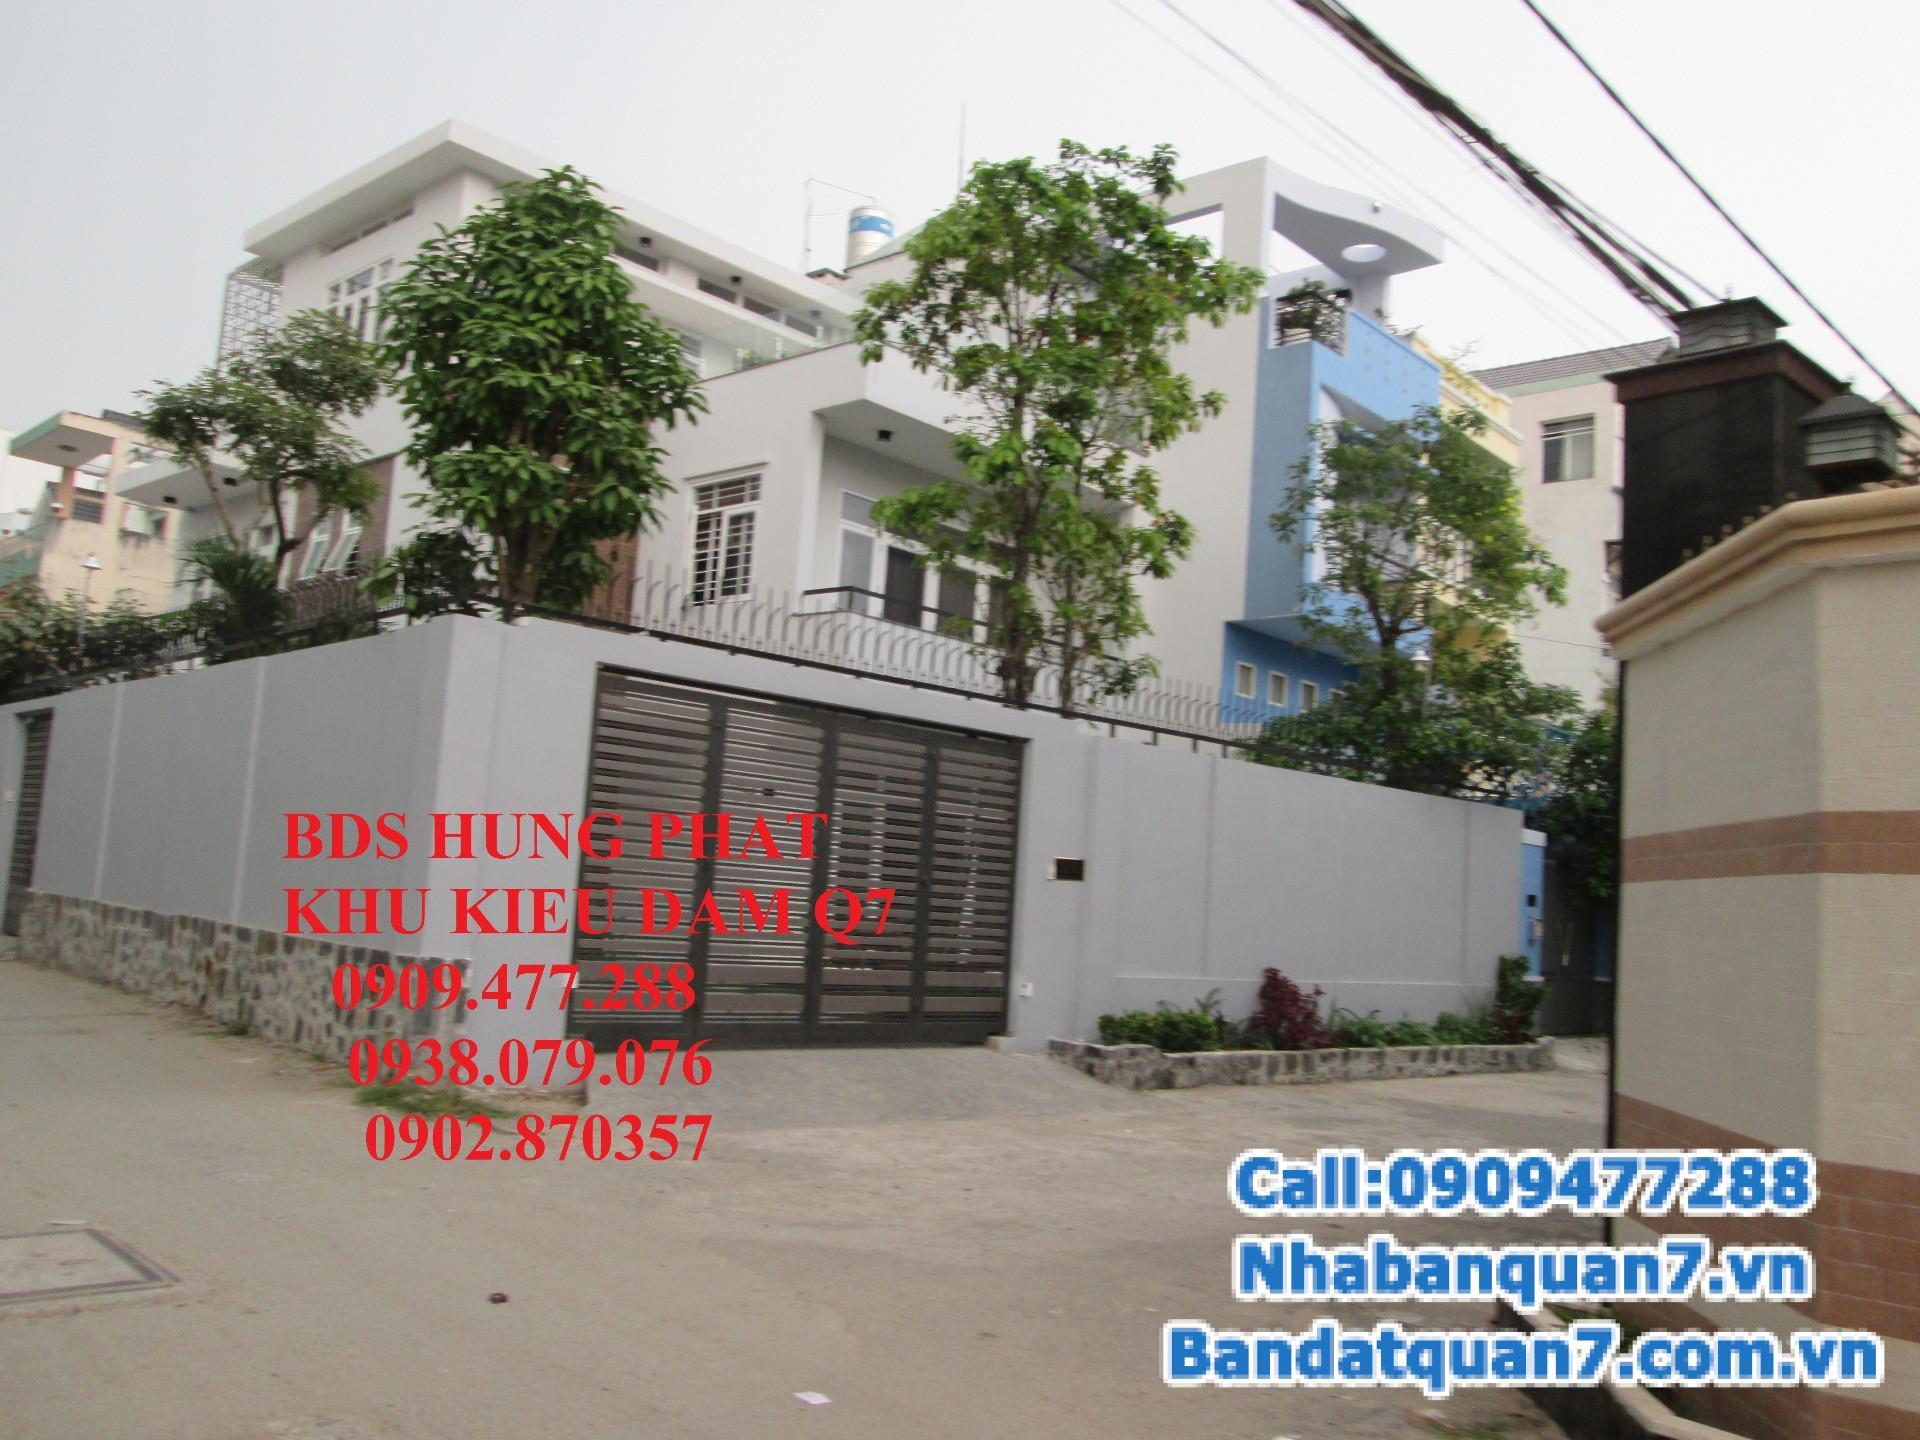 Gia đình có việc gấp nên cần bán nhà trọ đường Trần Xuân Soạn, phường Tân Hưng, Quận 7